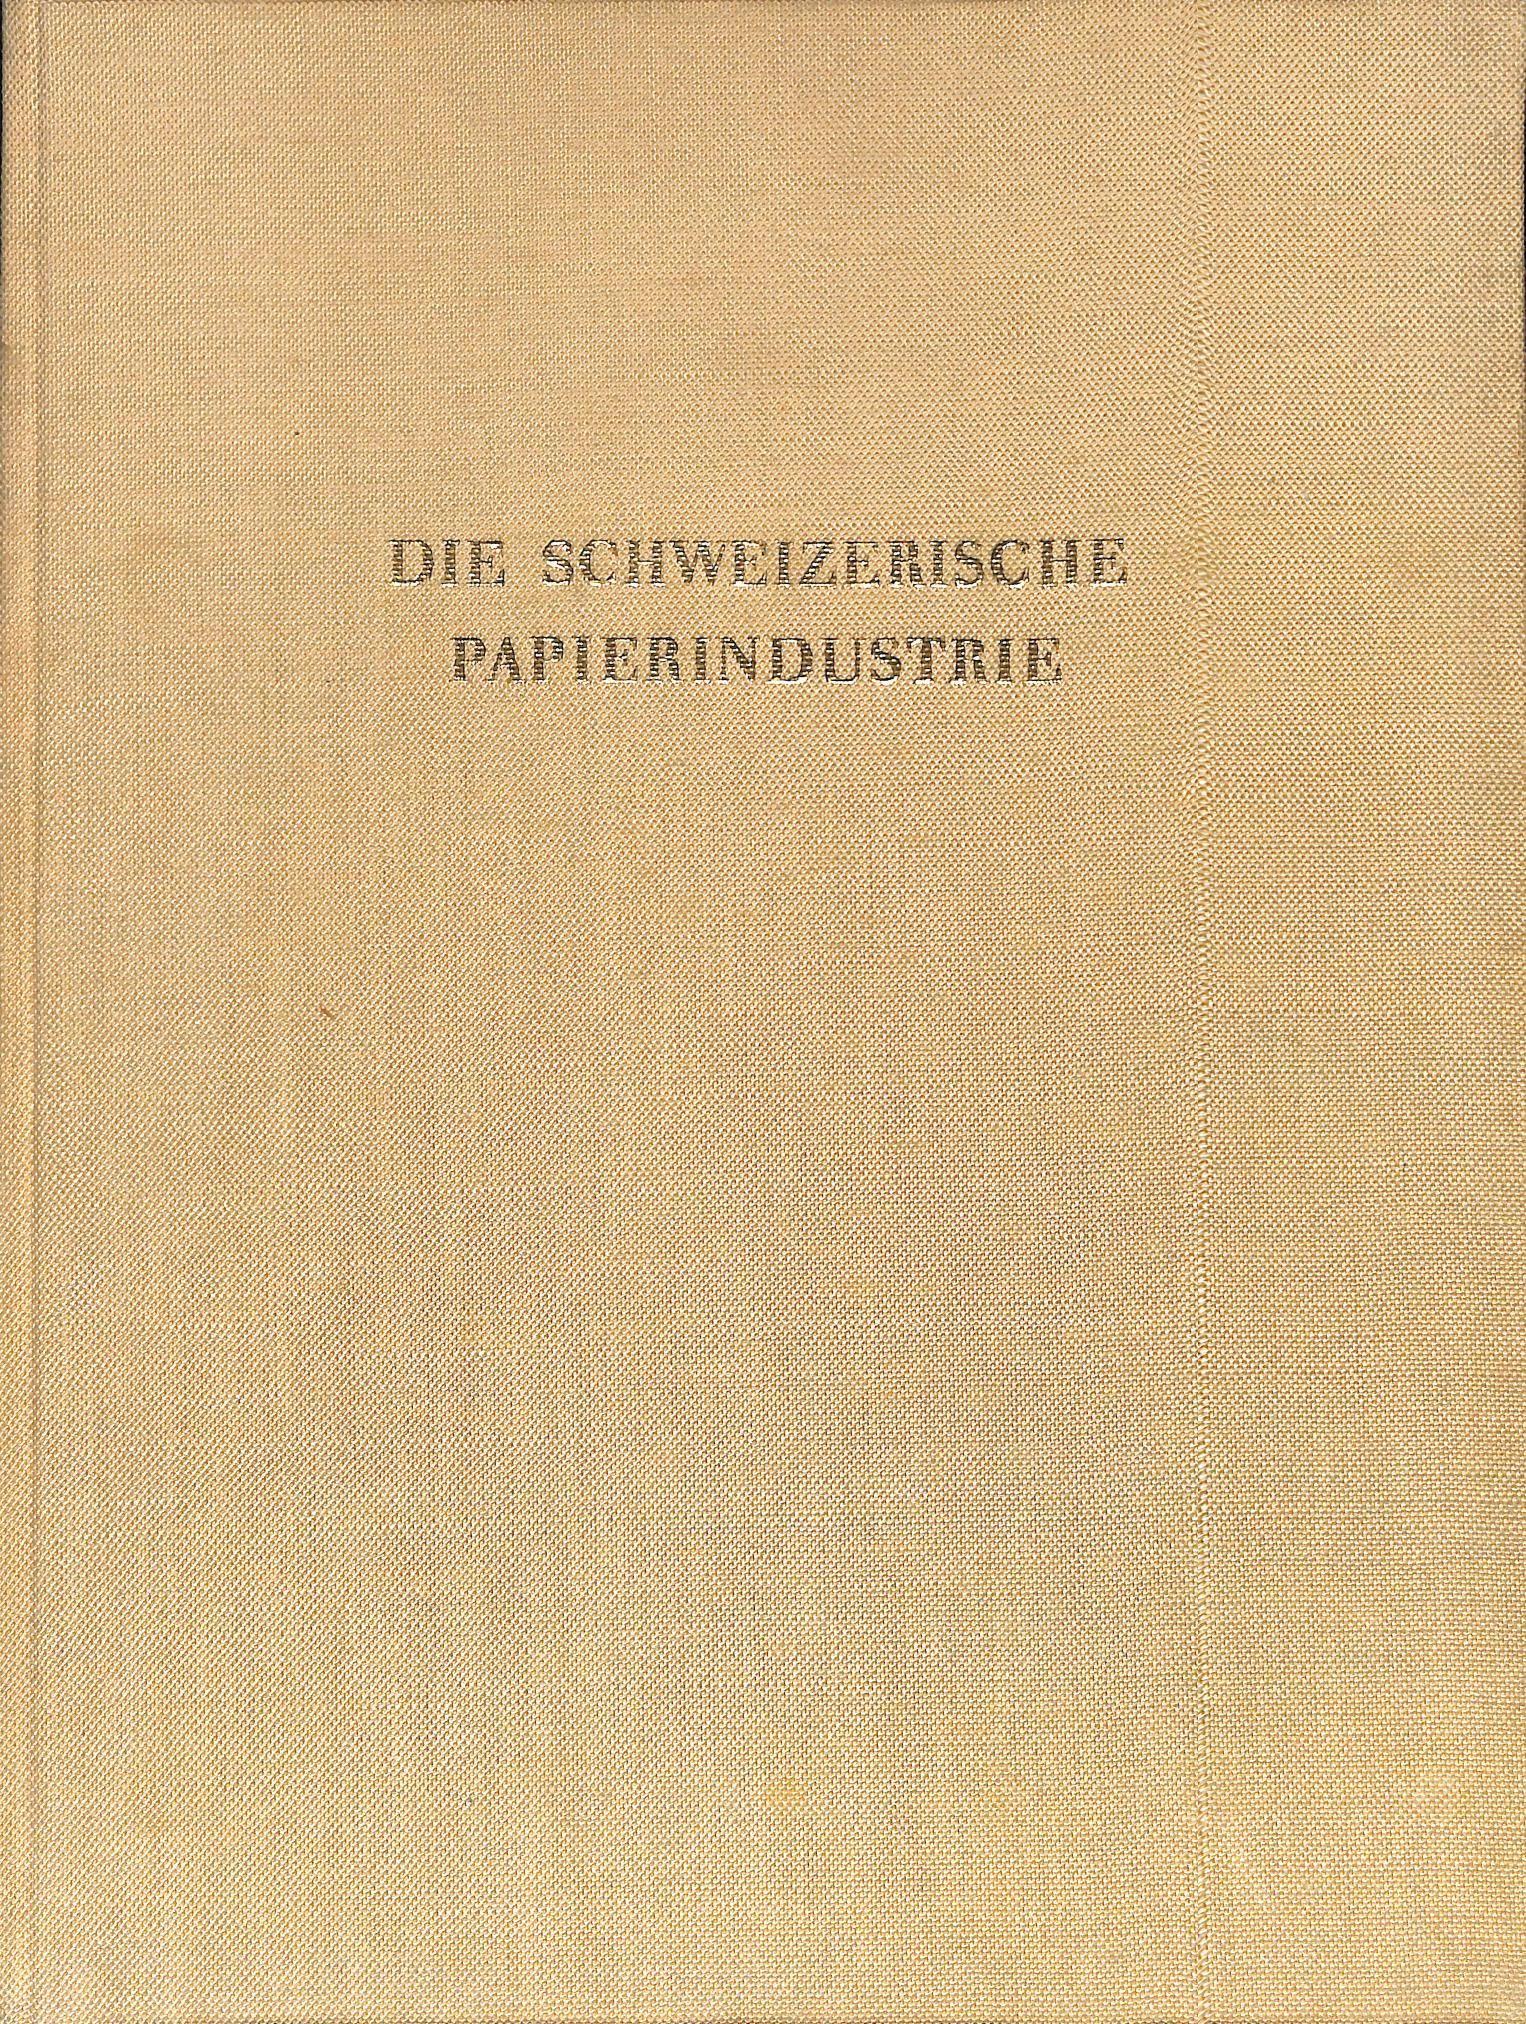 In Vergangenheit und Gegenwart. by DIE SCHWEIZERISCHE PAPIER-INDUSTRIE - Hardcover - 1949 - from ...